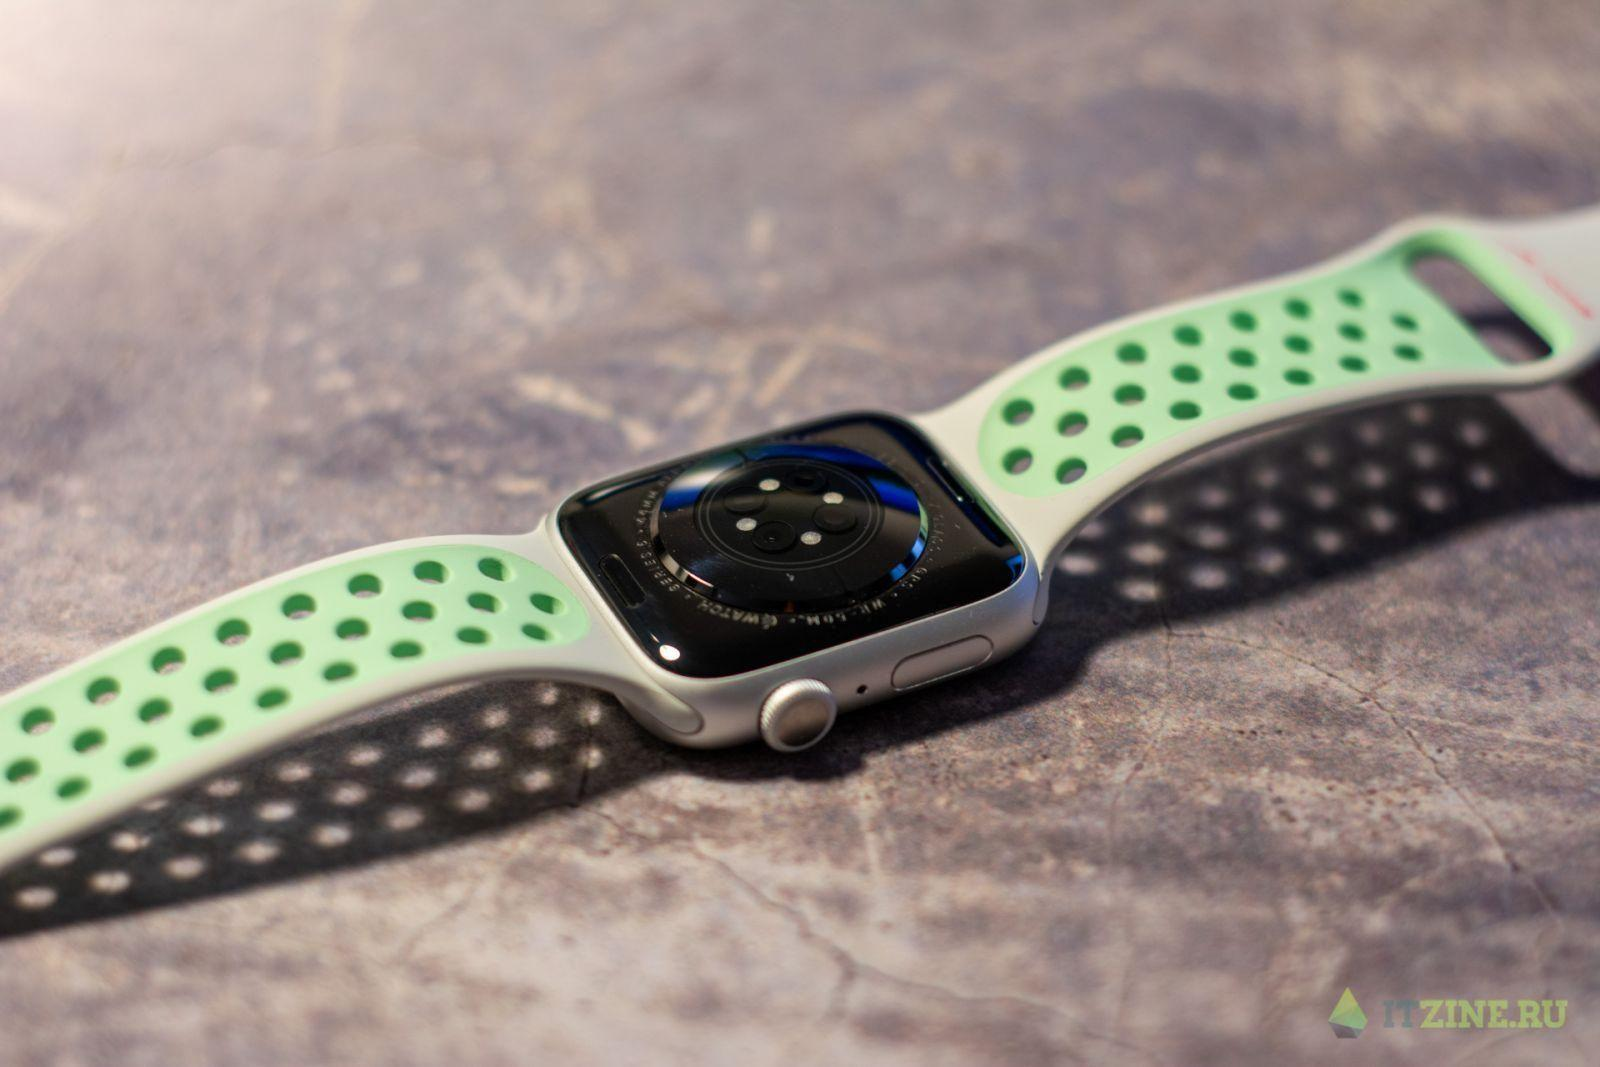 Датчик пульса и кислорода в крови в Apple Watch series 6